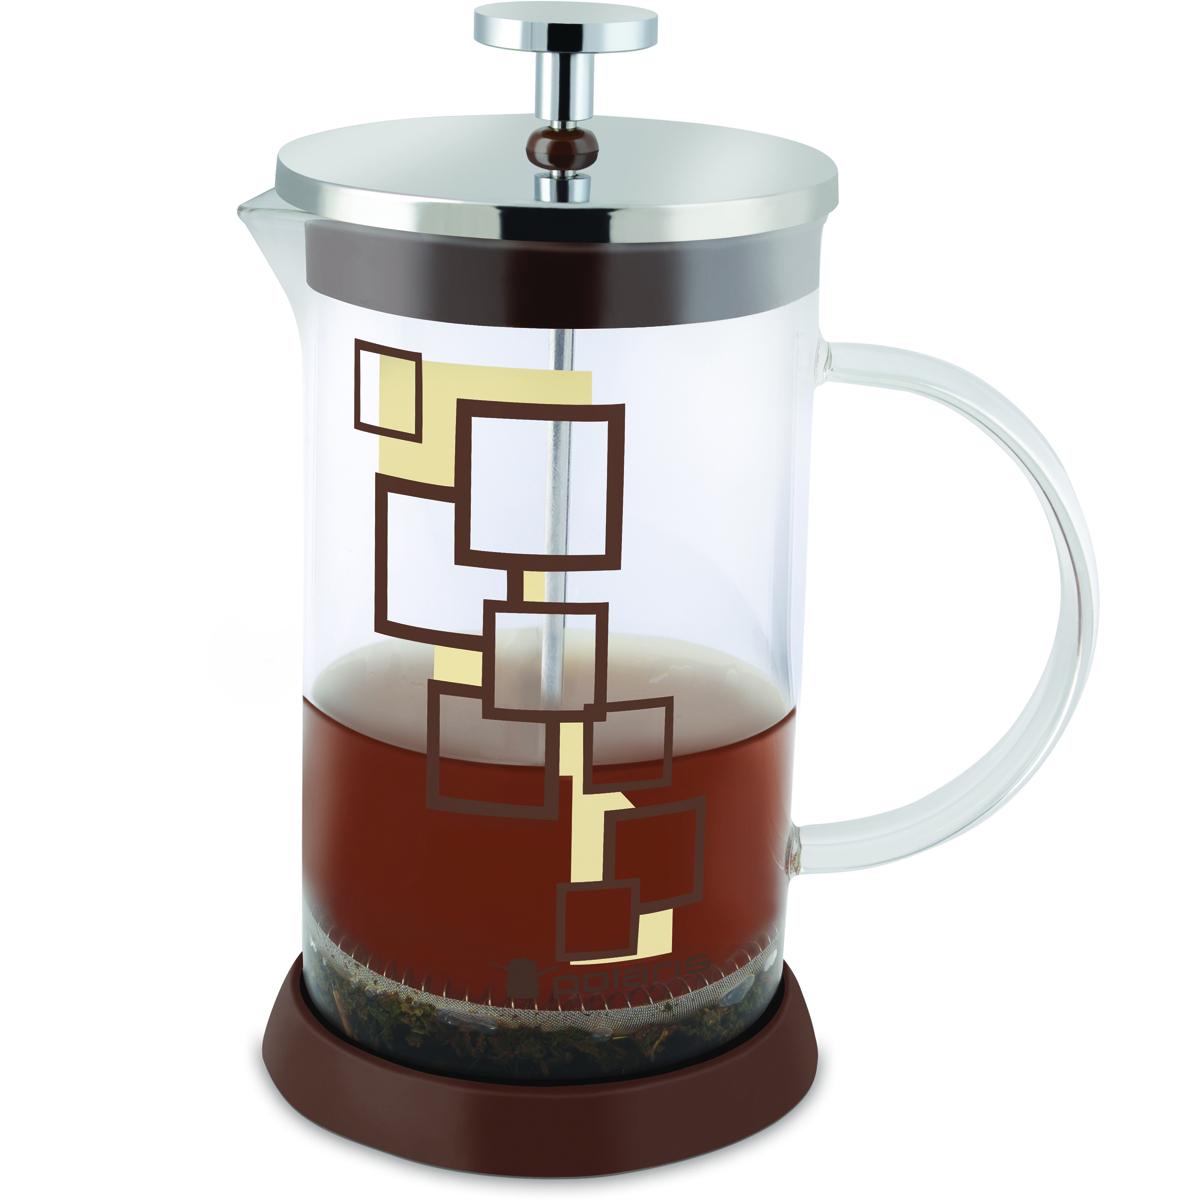 Френч-пресс Polaris Pixel-600FP, 600 мл68/5/4Эксклюзивный дизайн. Френч-пресс Polaris Pixel подходит для заваривания кофе и чая.Колба изготовлена из жаропрочного стекла. Эргономичный поршень с фильтром выполнен из нержавеющей стали 18/10. Подставка из высококачественного силикона для удобства использования.